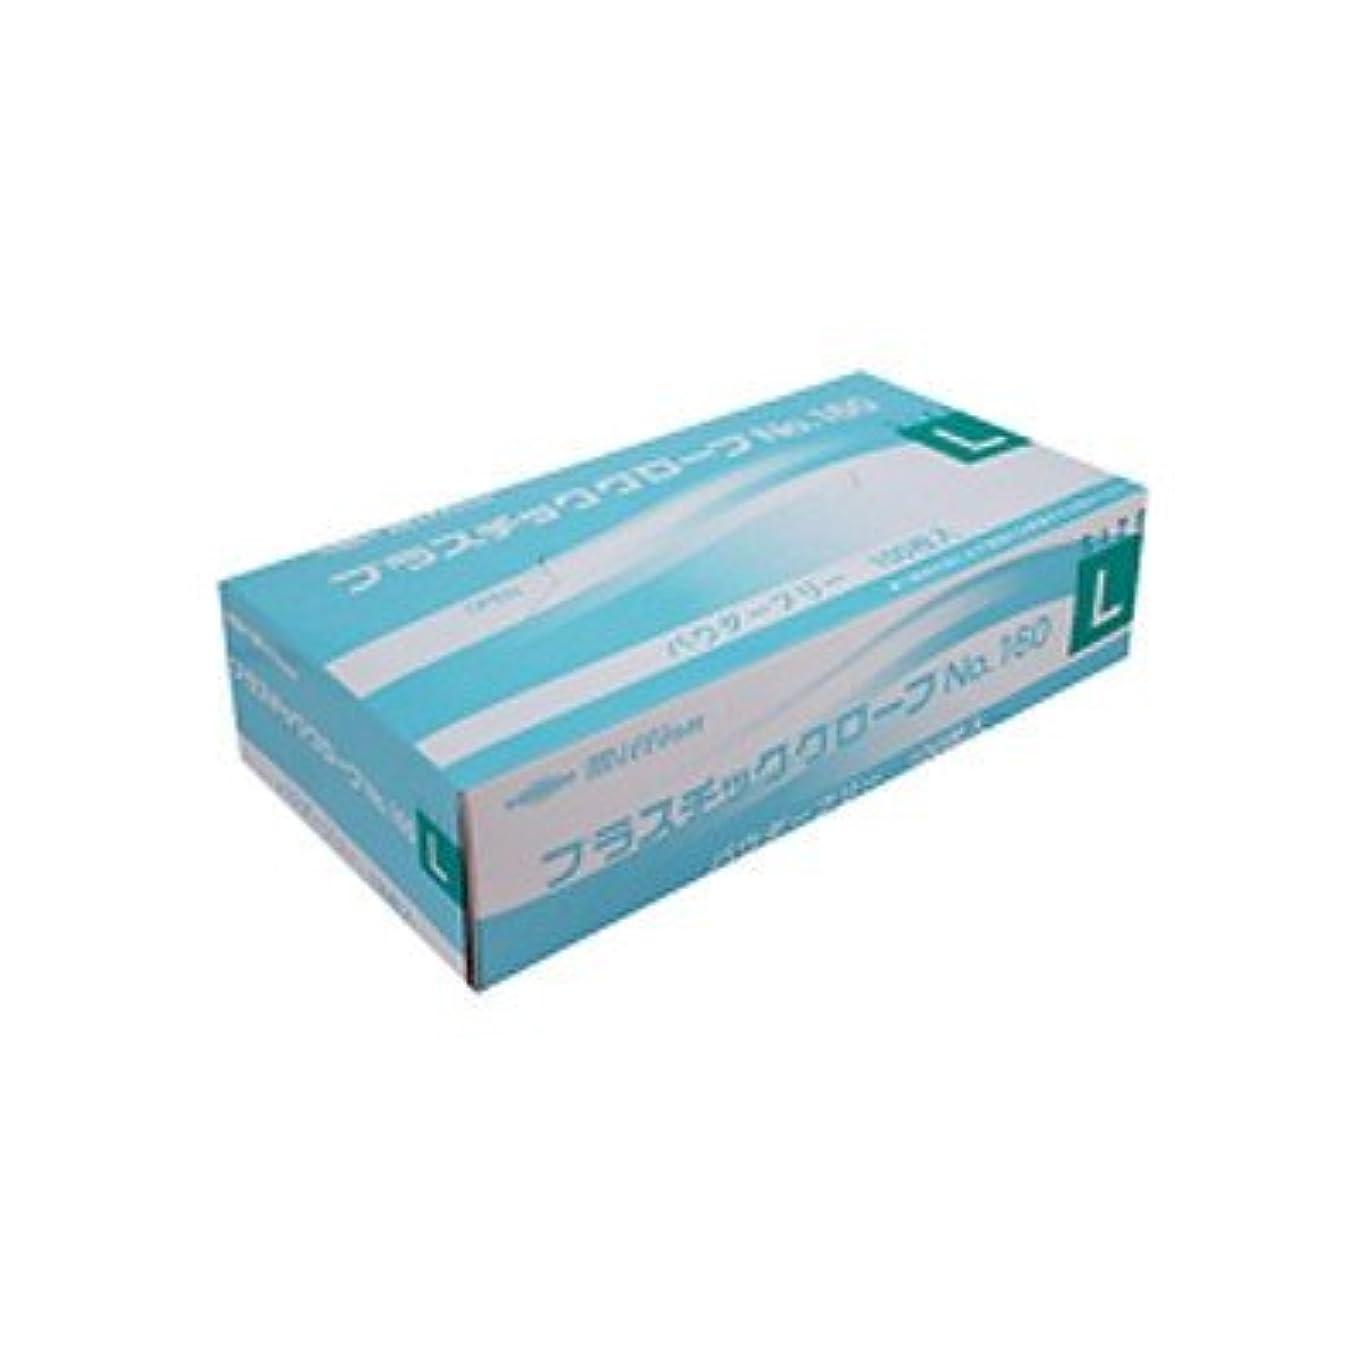 算術効能ある略すミリオン プラスチック手袋 粉無 No.160 L 品番:LH-160-L 注文番号:62741590 メーカー:共和